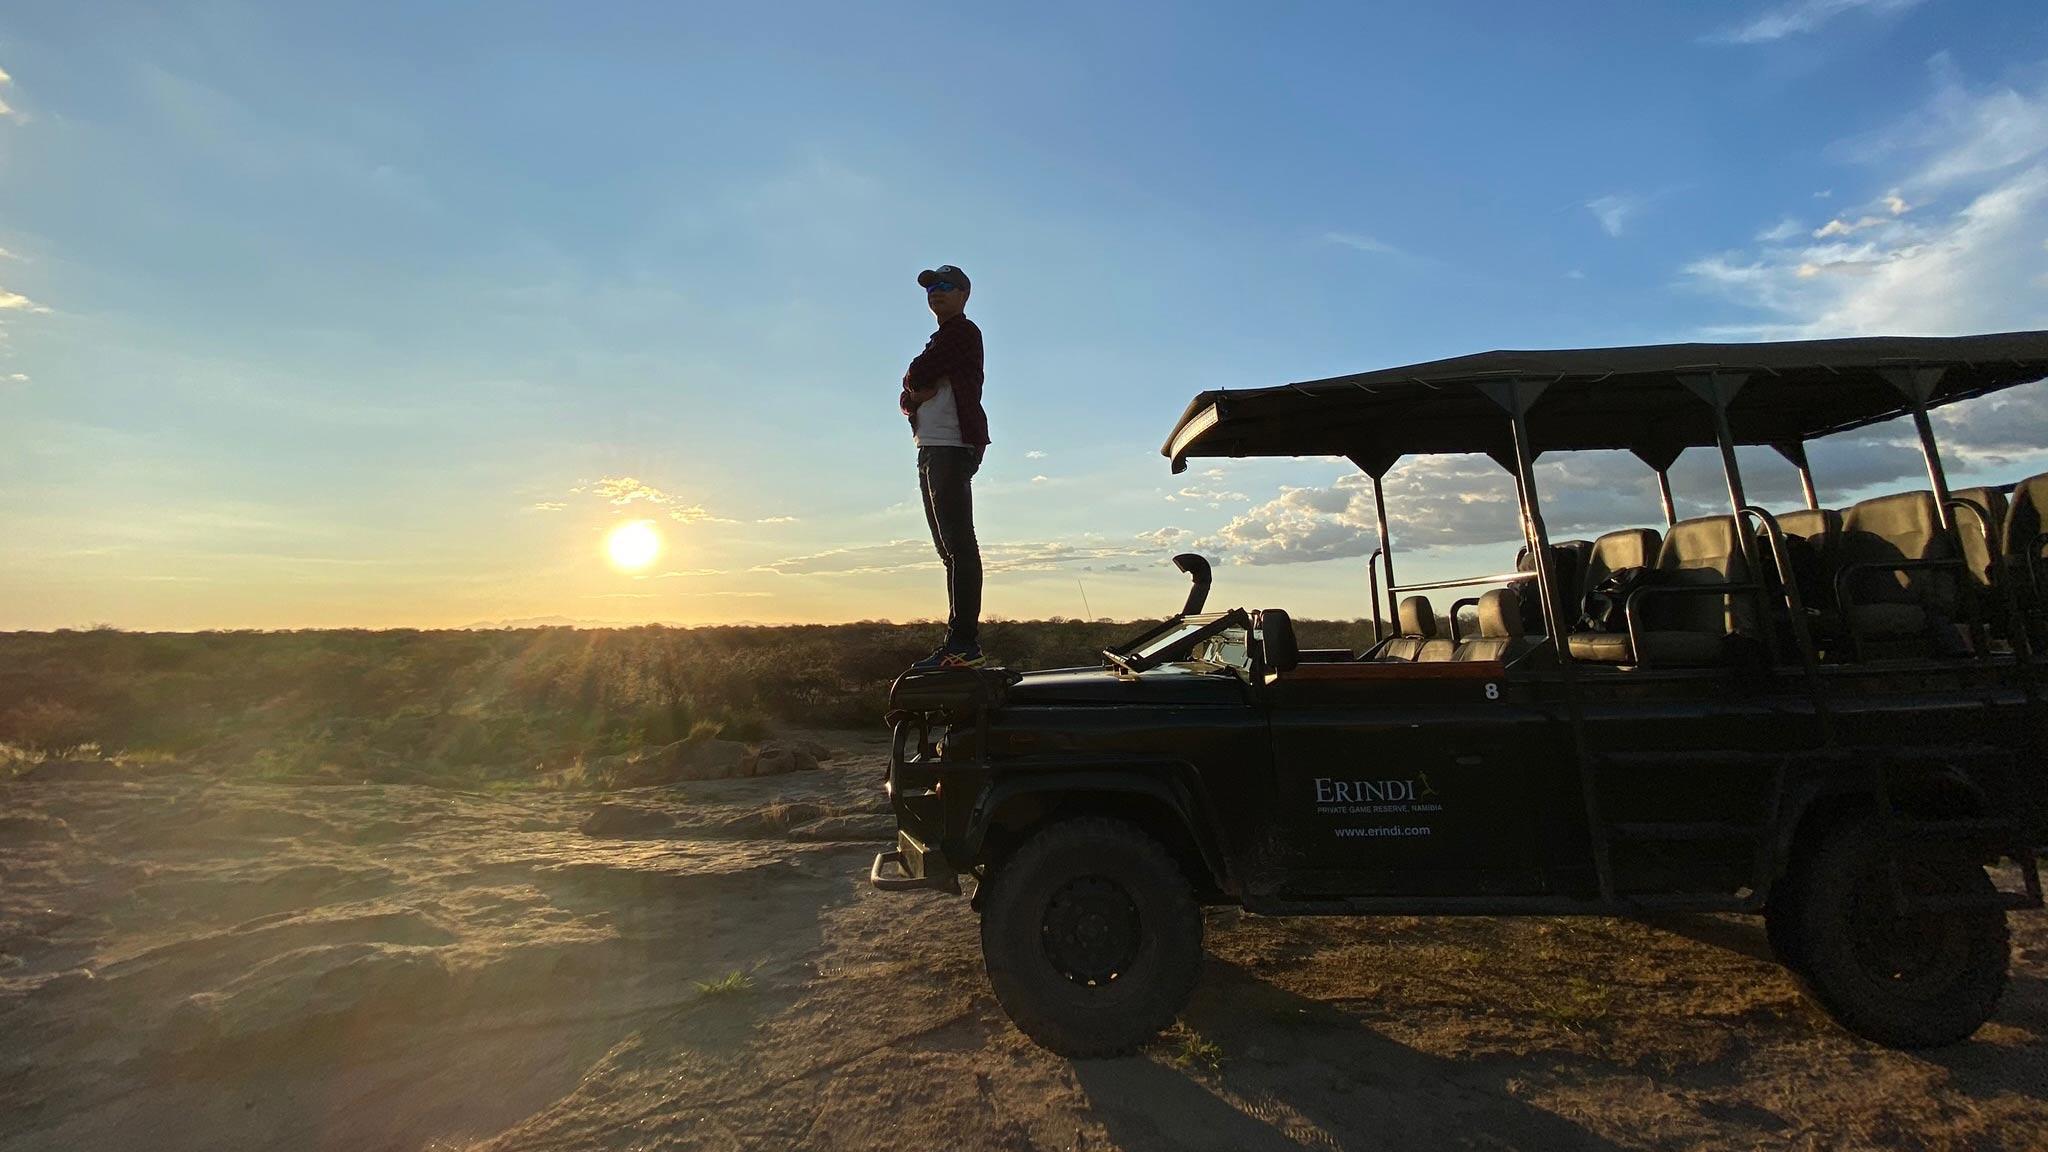 Namibia - Hành trình mê hoặc (Phần 1): Land Rover Discovery chạm mặt sư tử